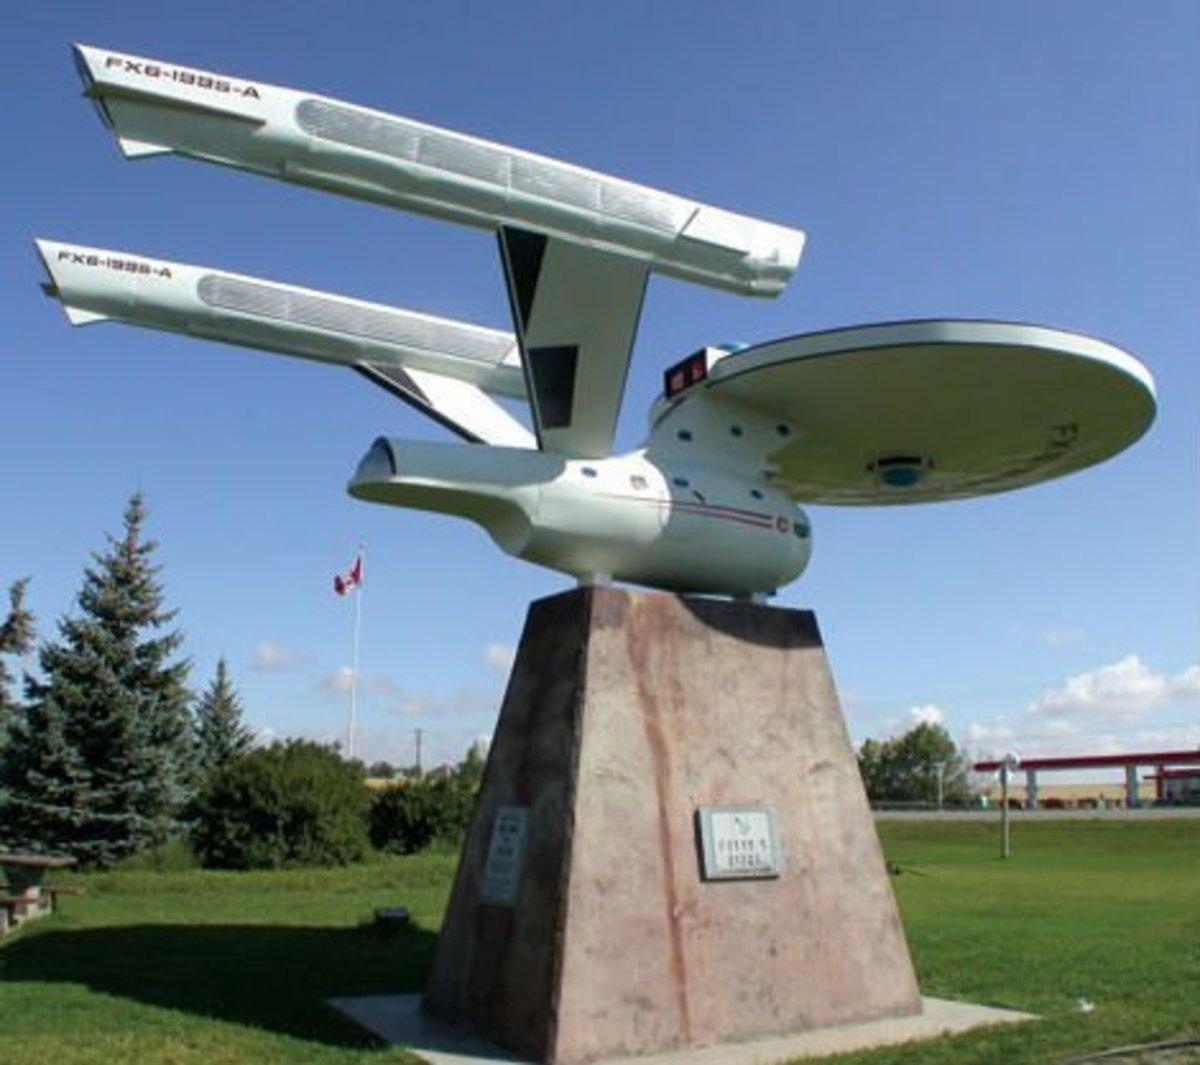 Model of the Starship Enterprise, Vulcan, Alberta